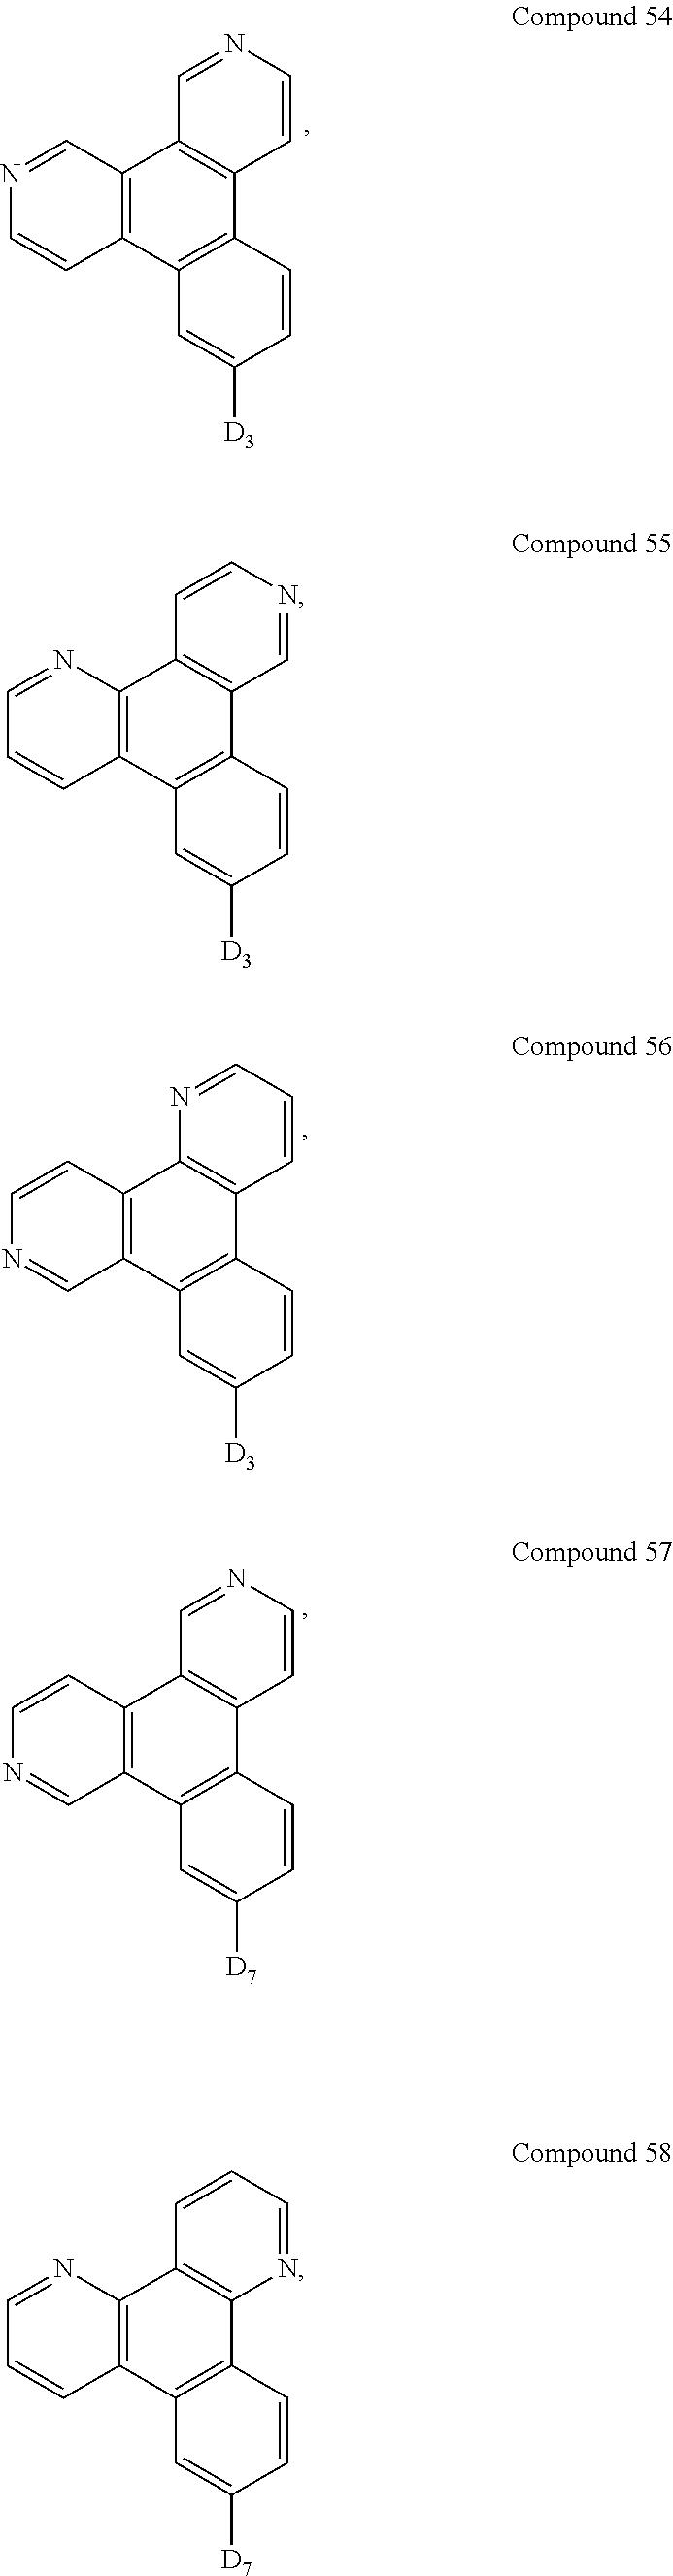 Figure US09537106-20170103-C00504